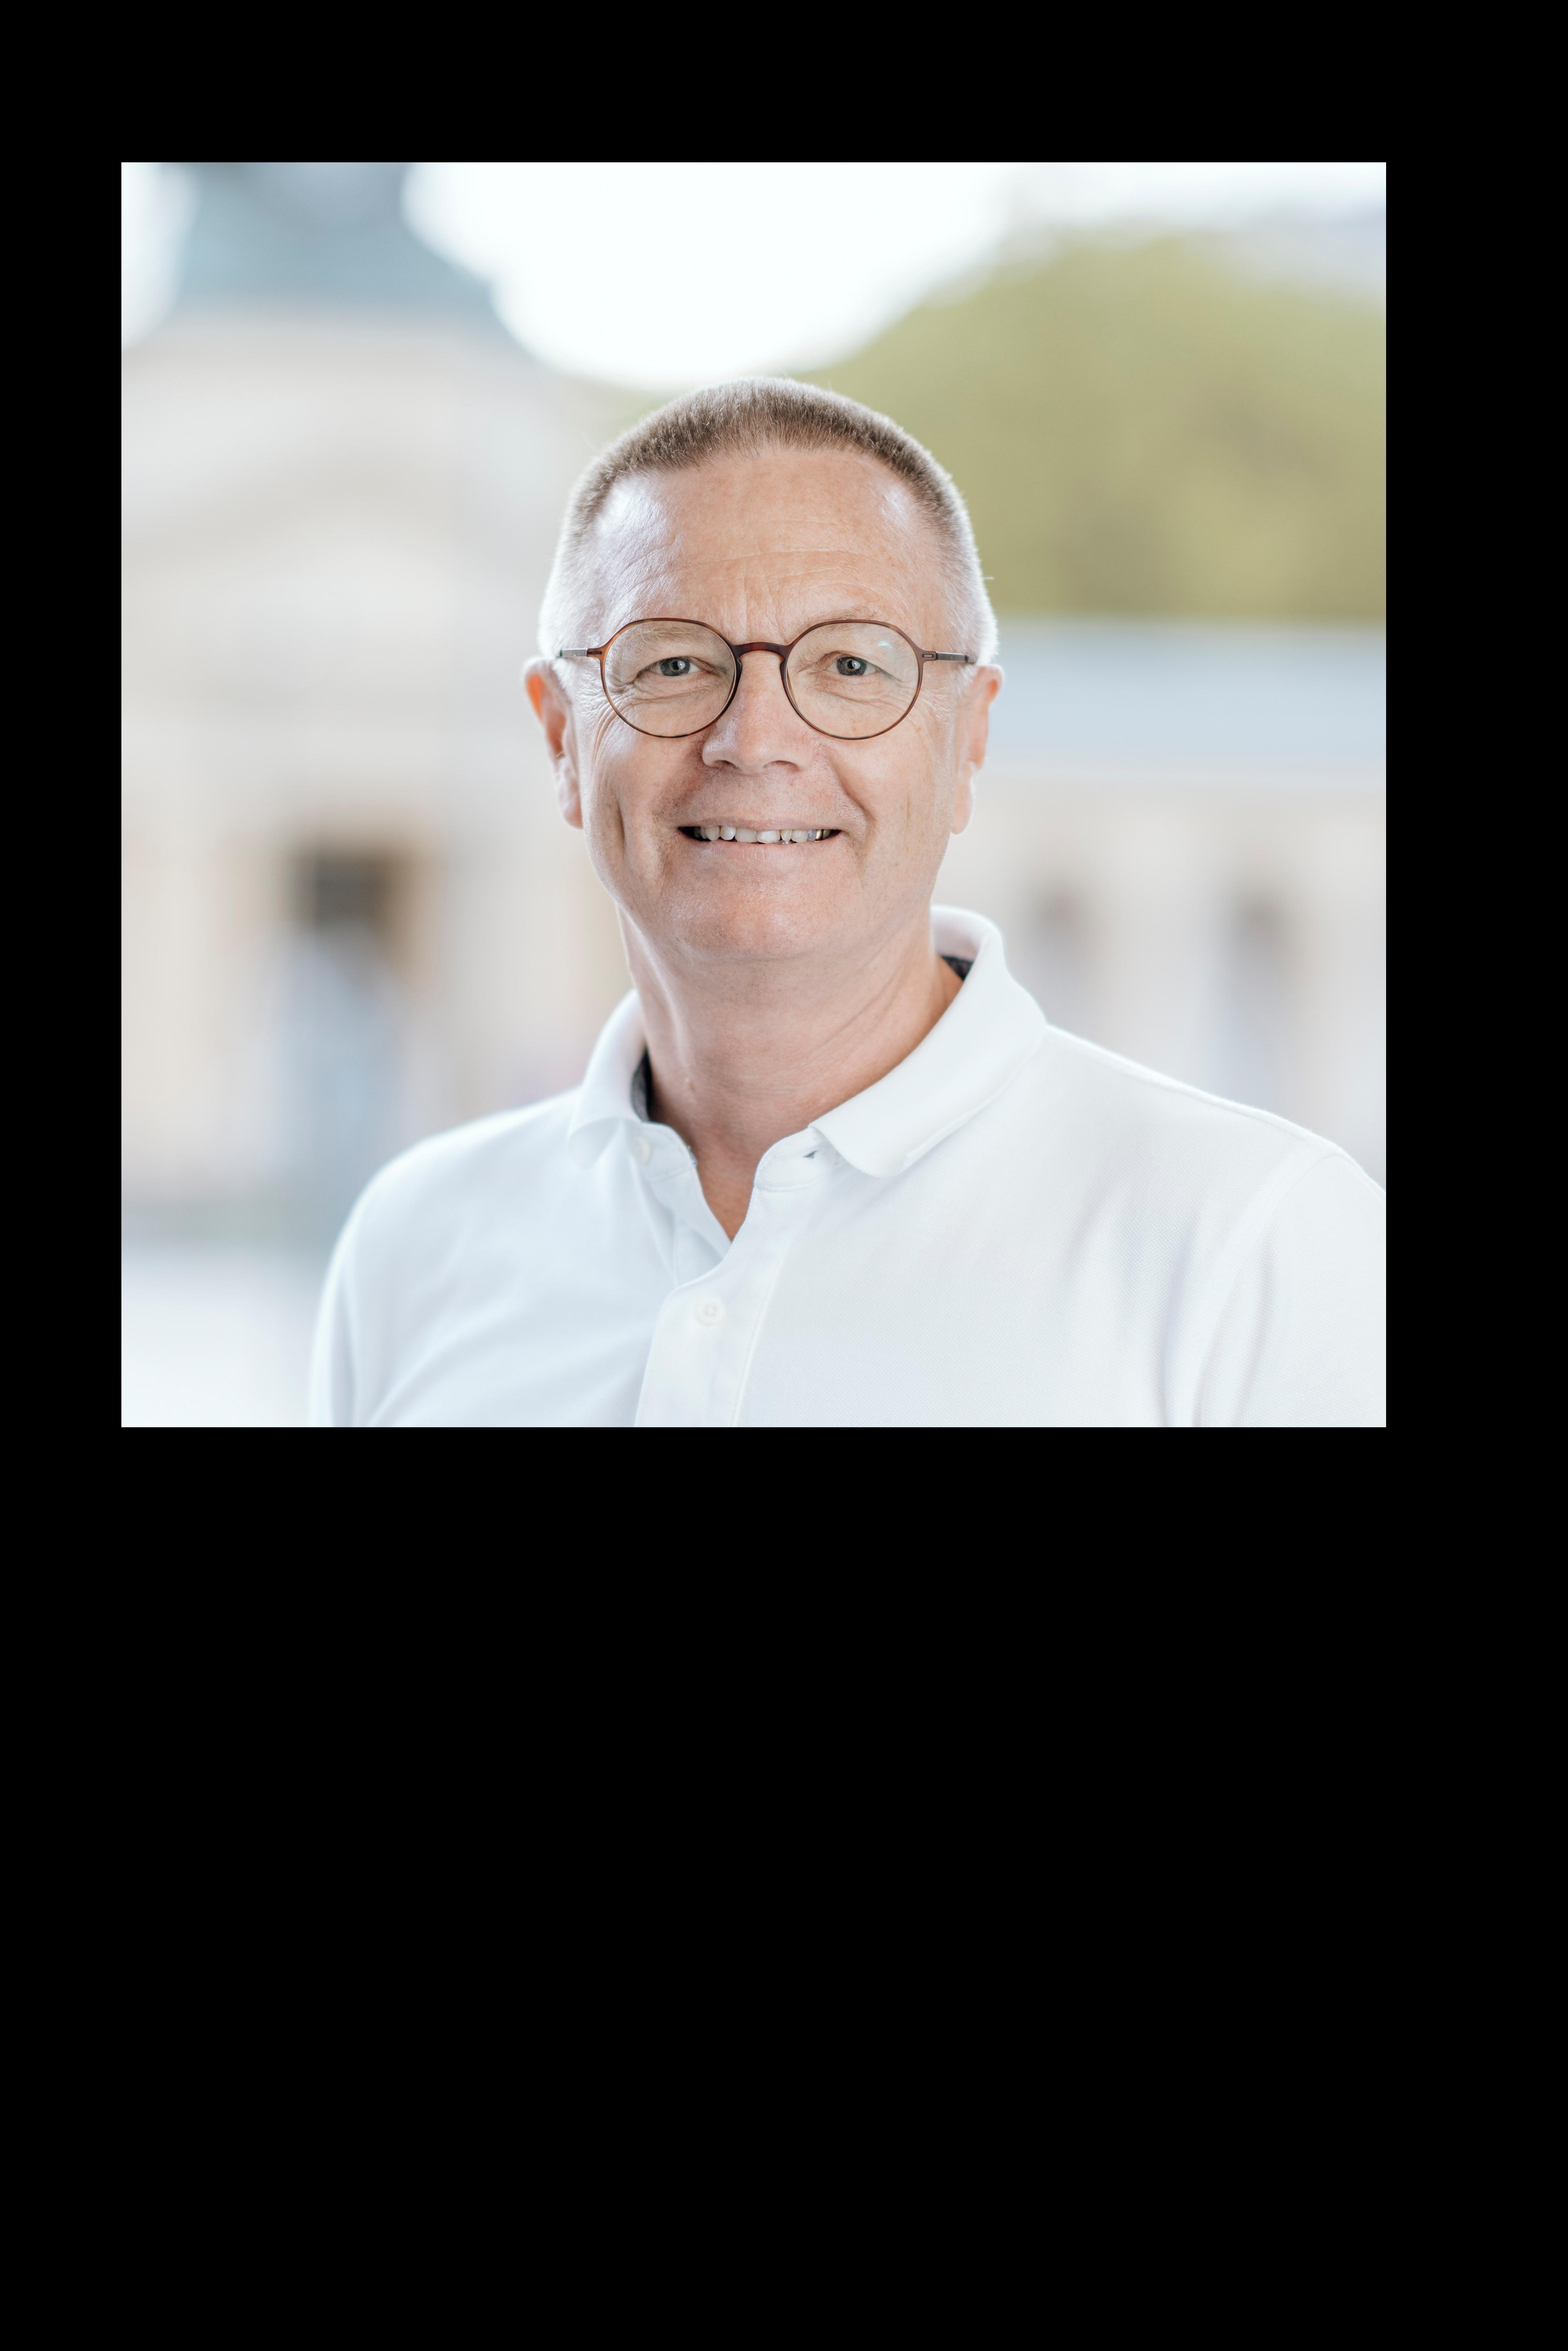 Dr. Martin Pinsger